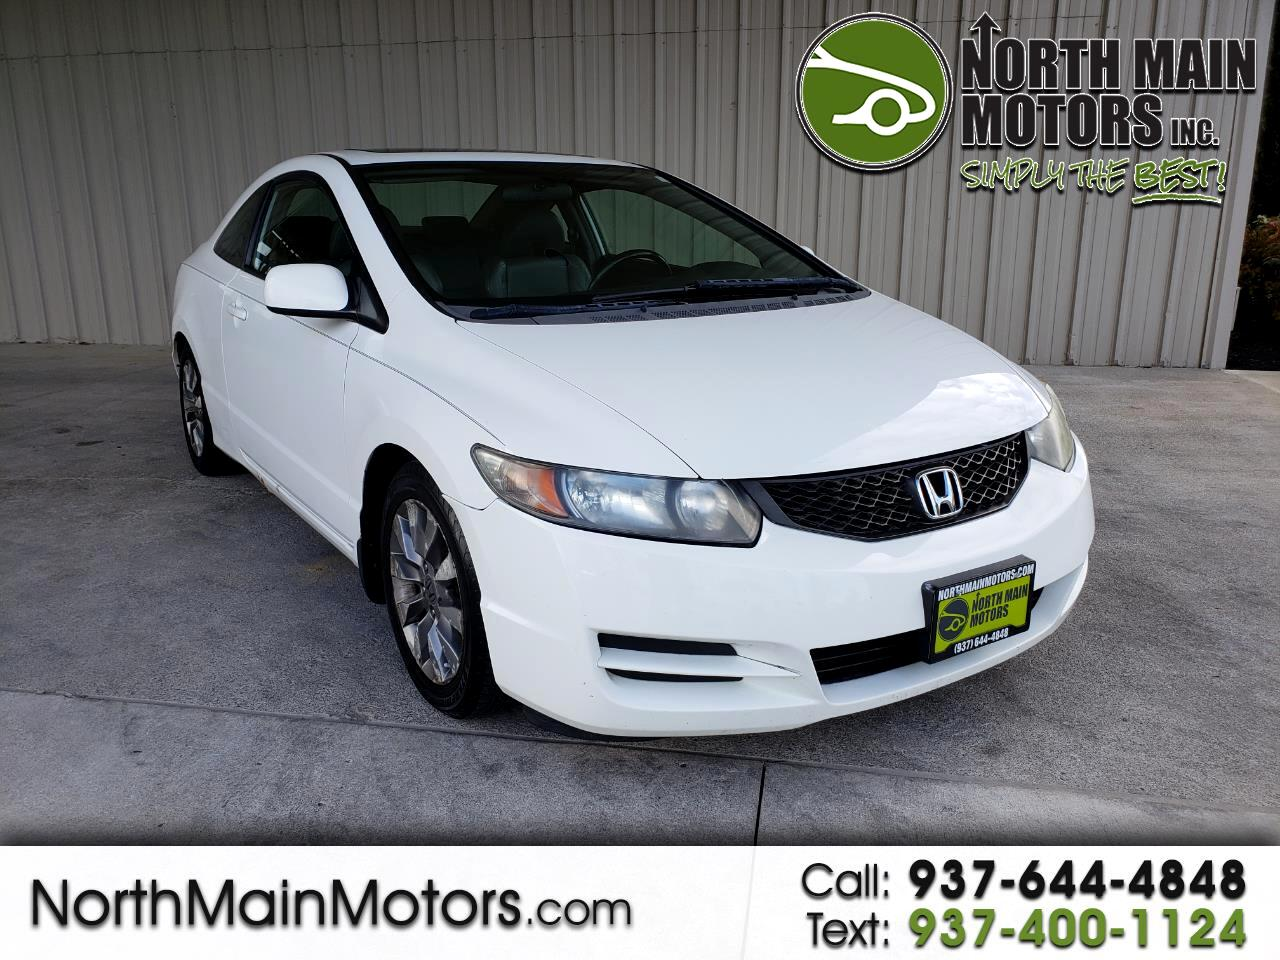 2009 Honda Civic Cpe 2dr Man EX-L